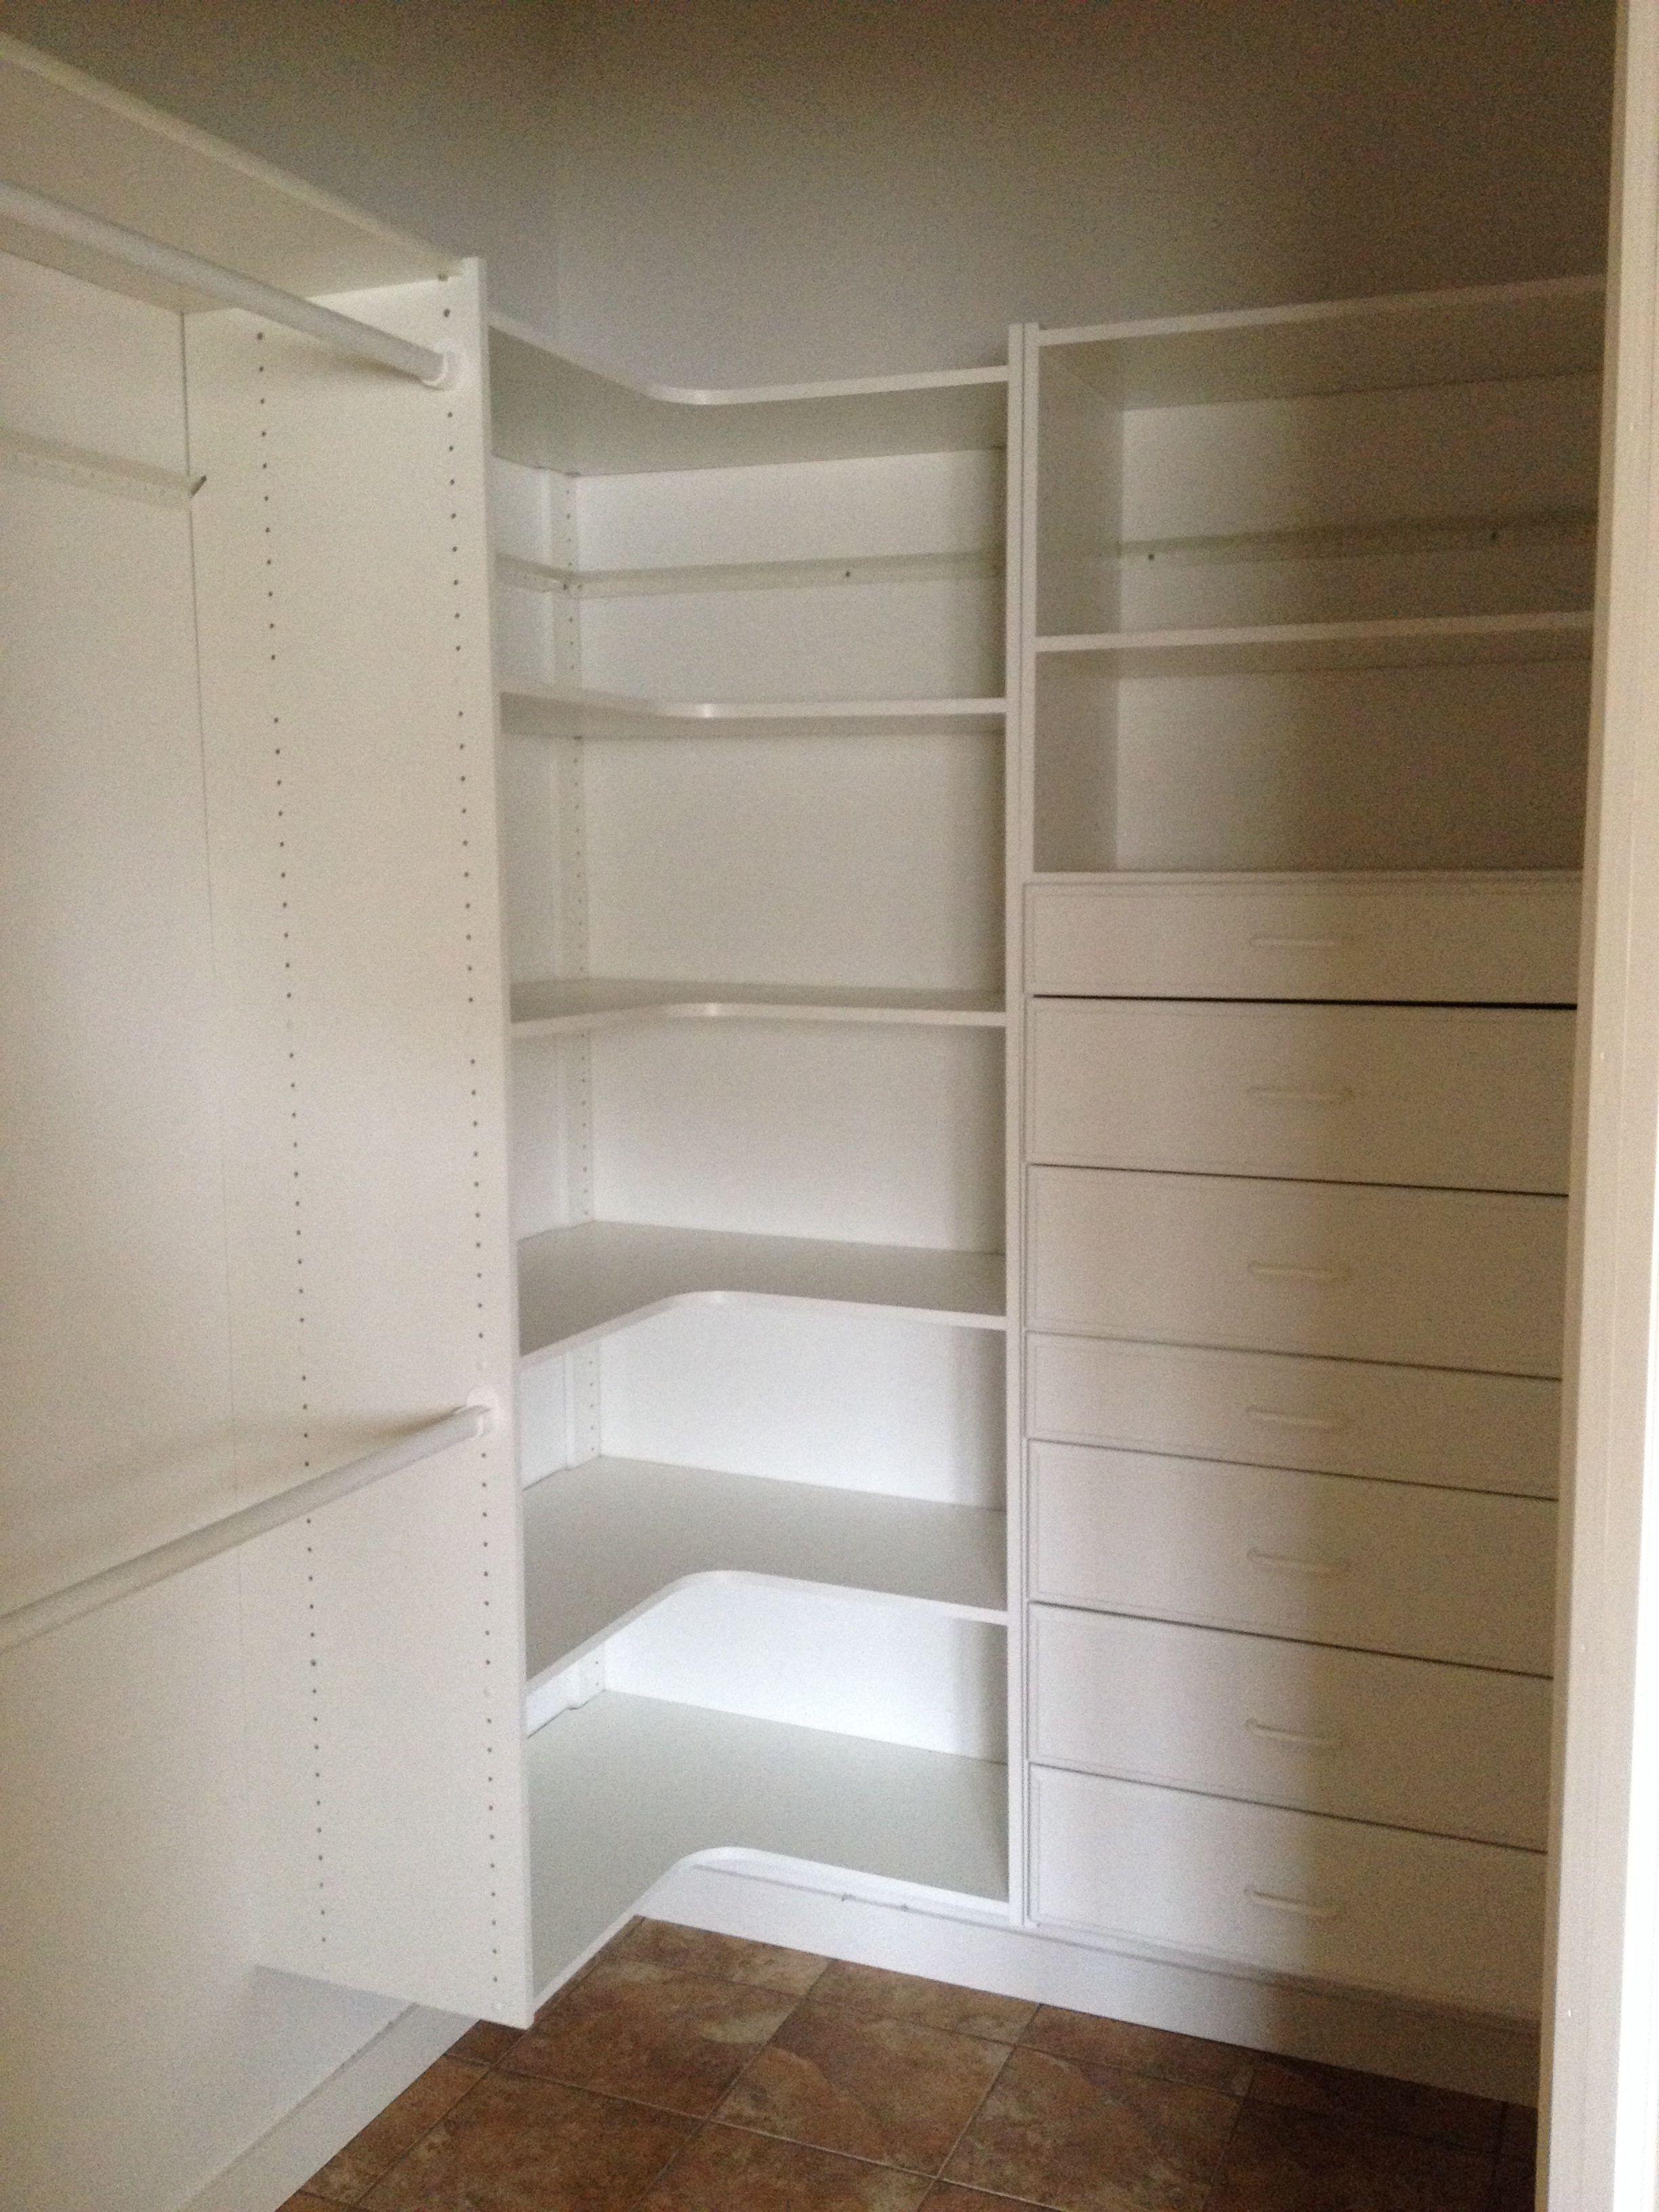 Master Bedroom Walk In Closet Idea For Maximum Storage And